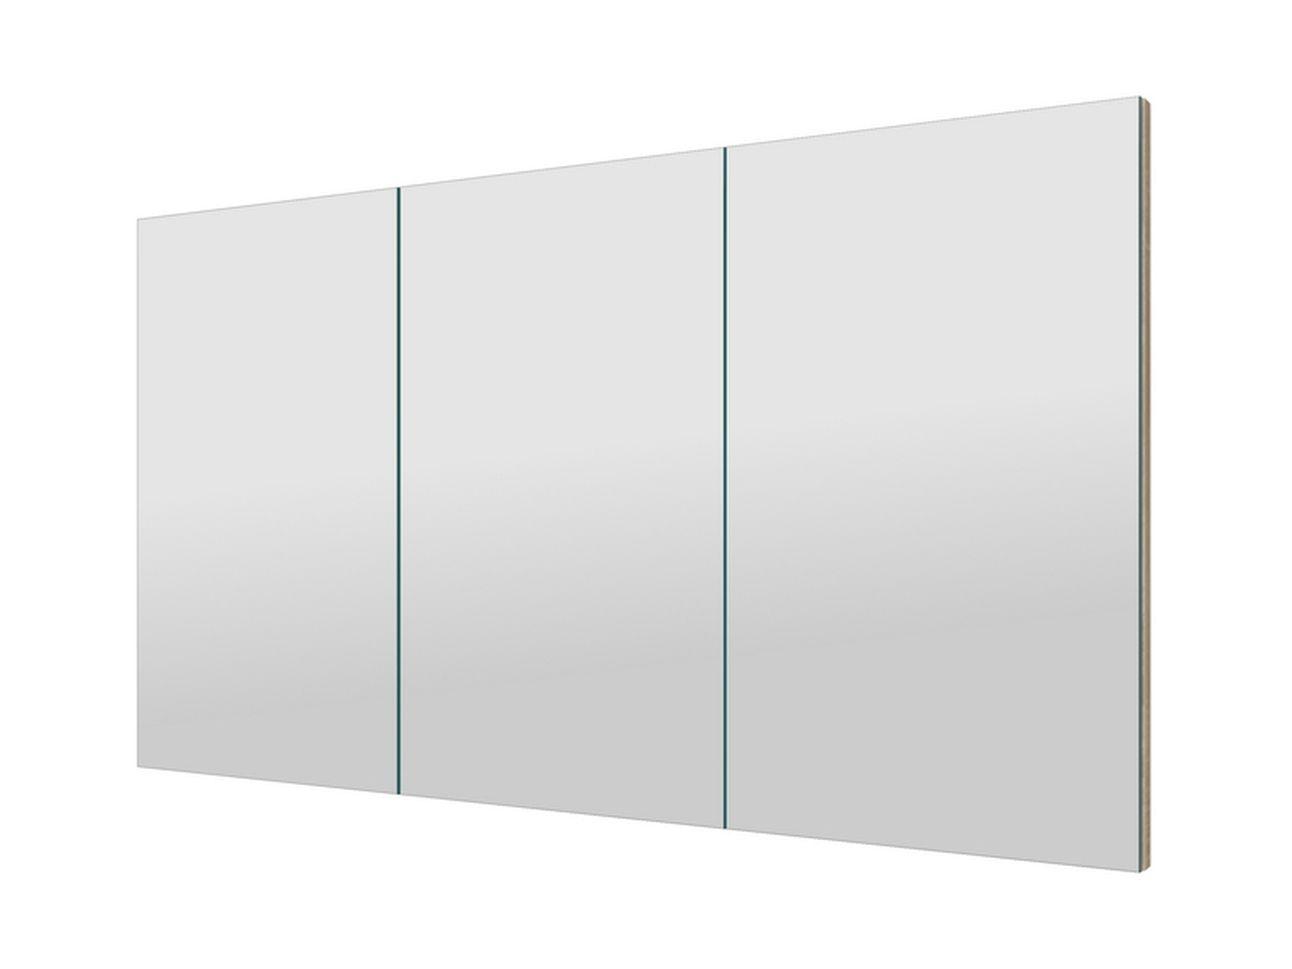 Einbau Spiegelschrank Nach Maaÿ Mit 3 Ta Ren Balos In 2020 Einbau Spiegelschrank Spiegelschrank Schrank